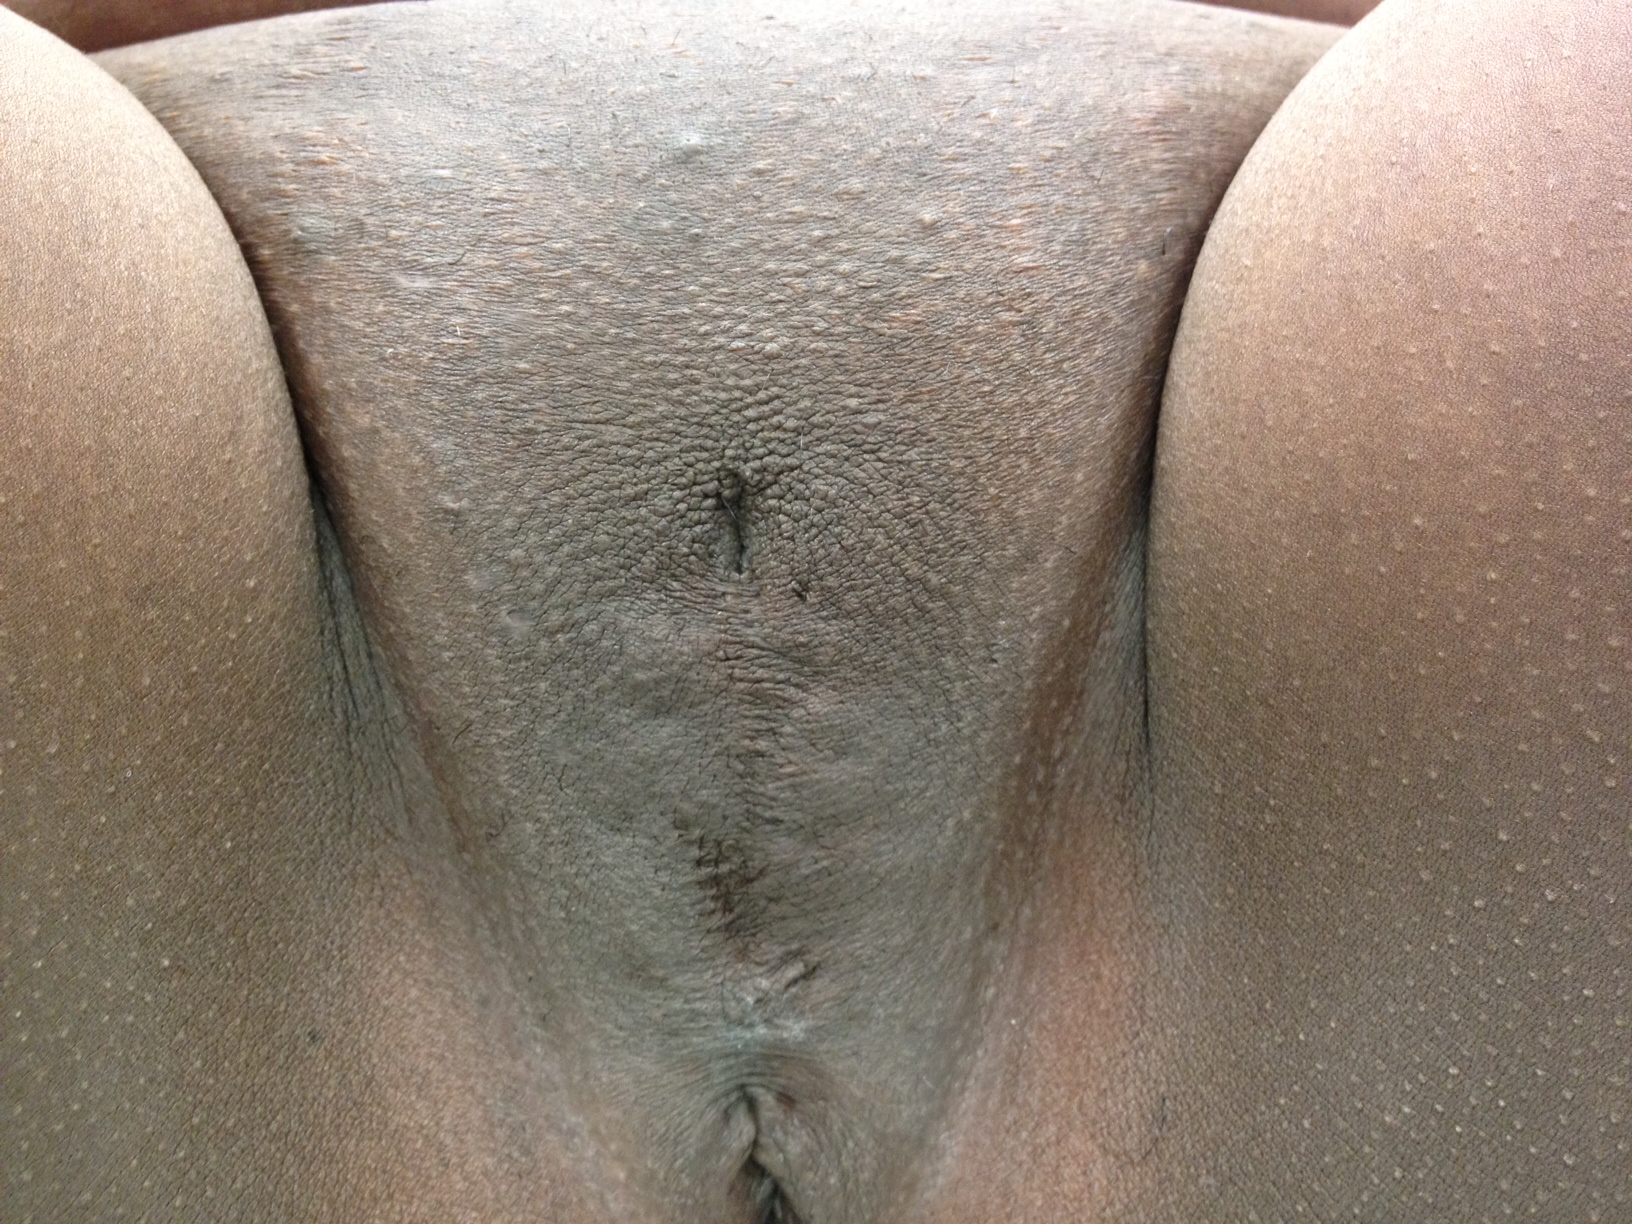 Congratulate, genitle mutilation bdsm are